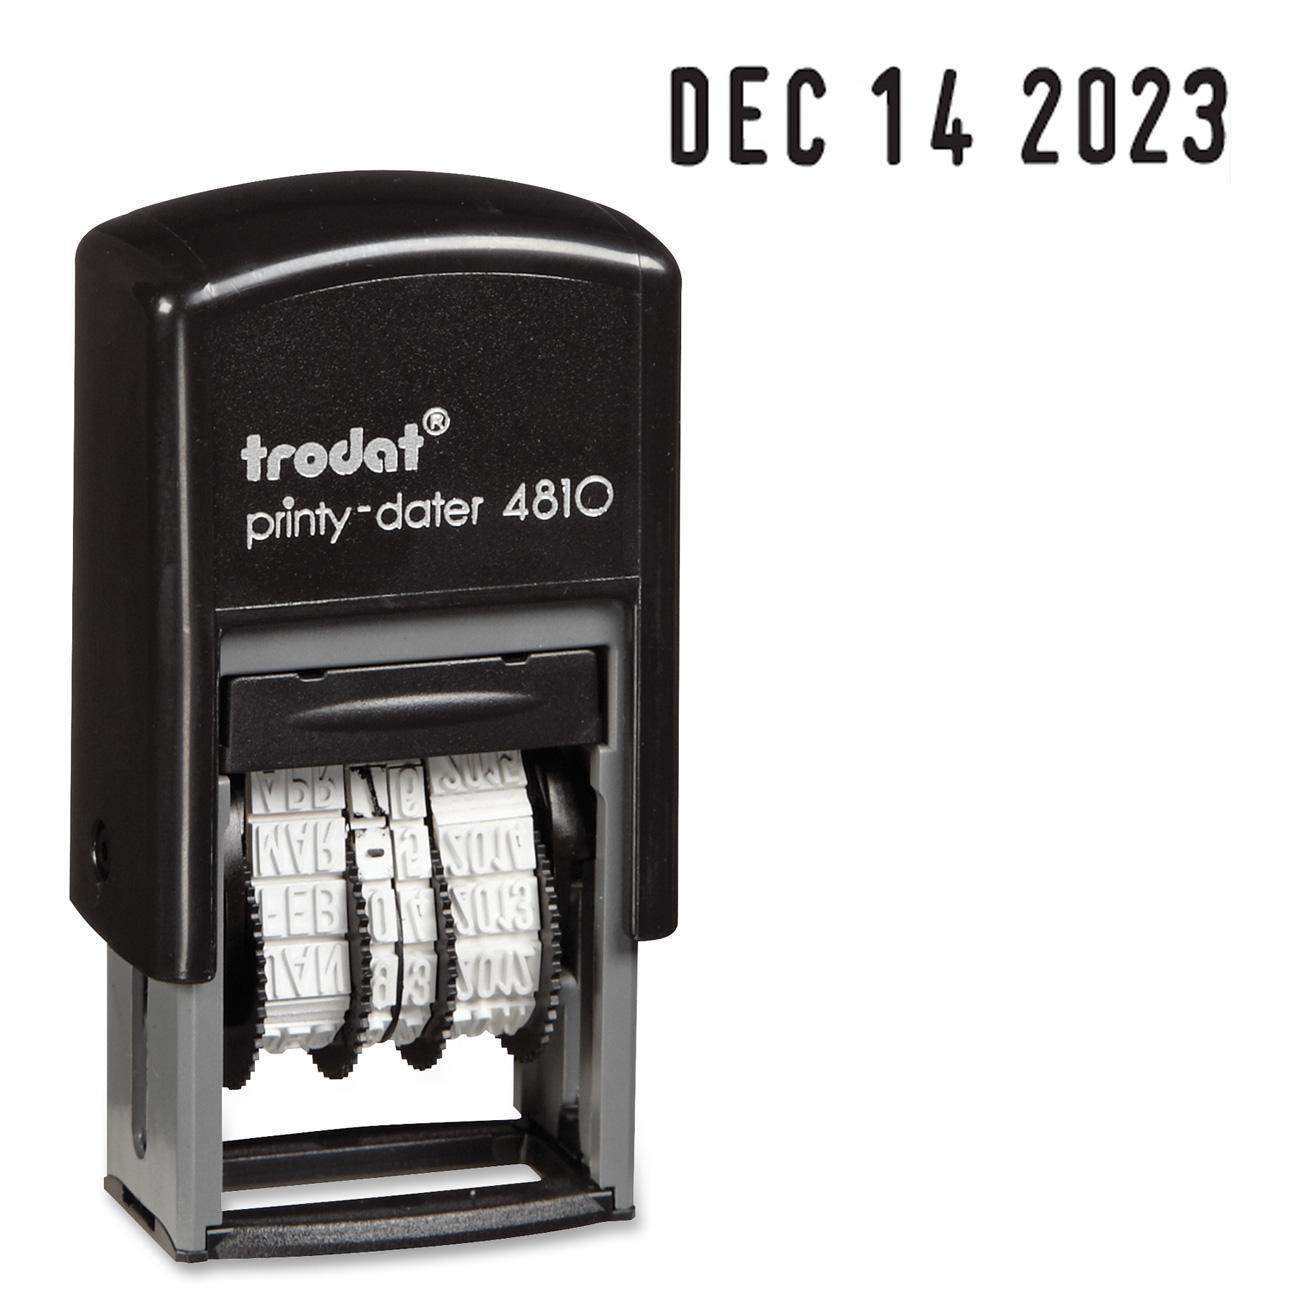 Trodat Printy Pocket Self Ink Date Stamp - Each